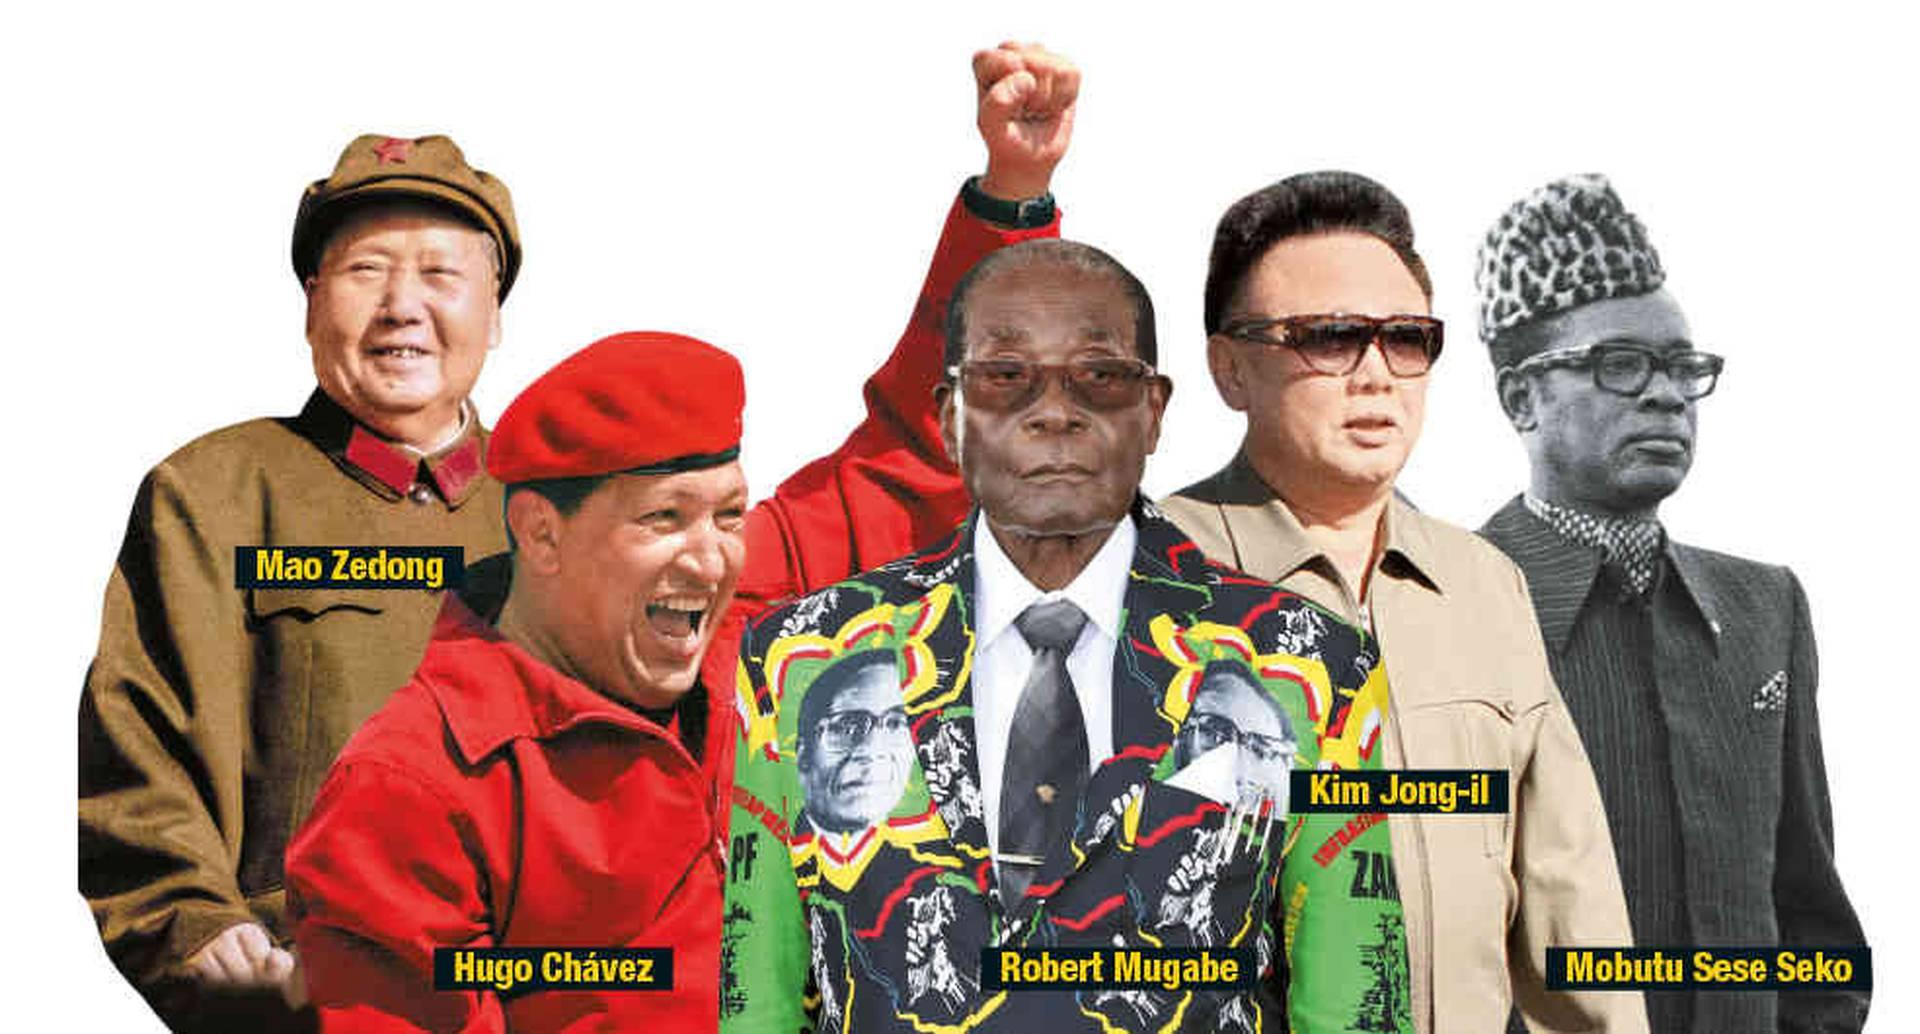 La gente le arrebató el poder al Estado de decidir en dónde enterrar a los dictadores.